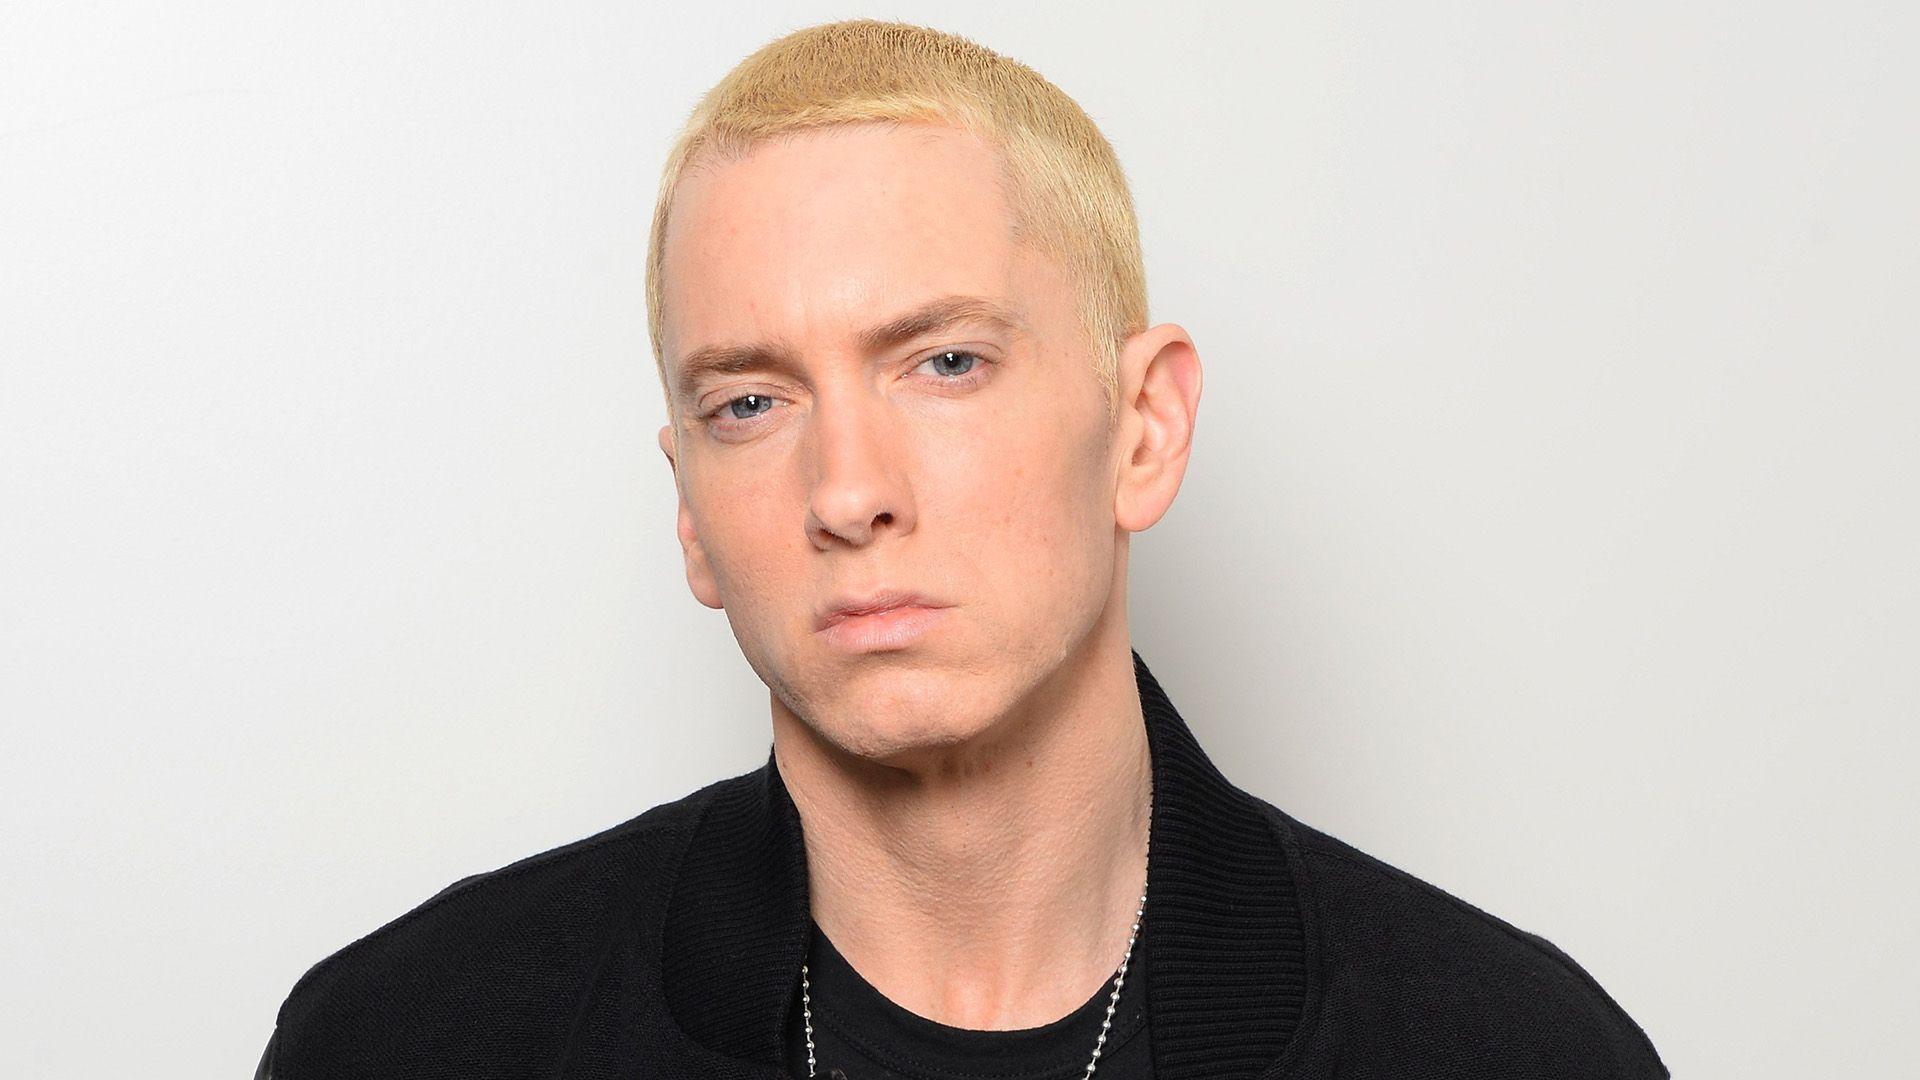 Eminem Hair Google Search Eminem Hair Styles Short Hair Haircuts